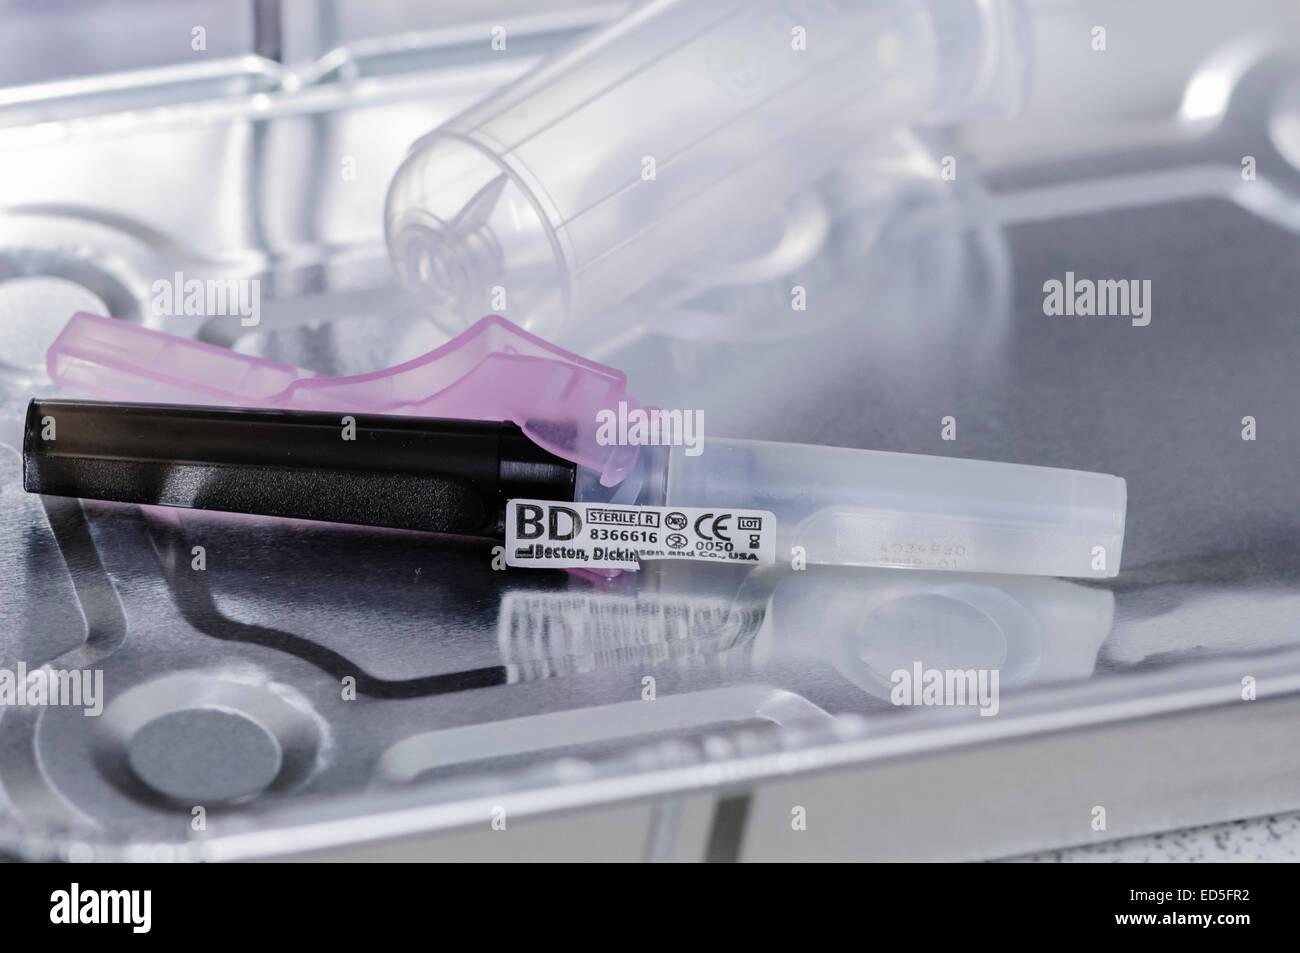 Une aiguille noire BD Vacutainer prêt à l'emploi. Photo Stock